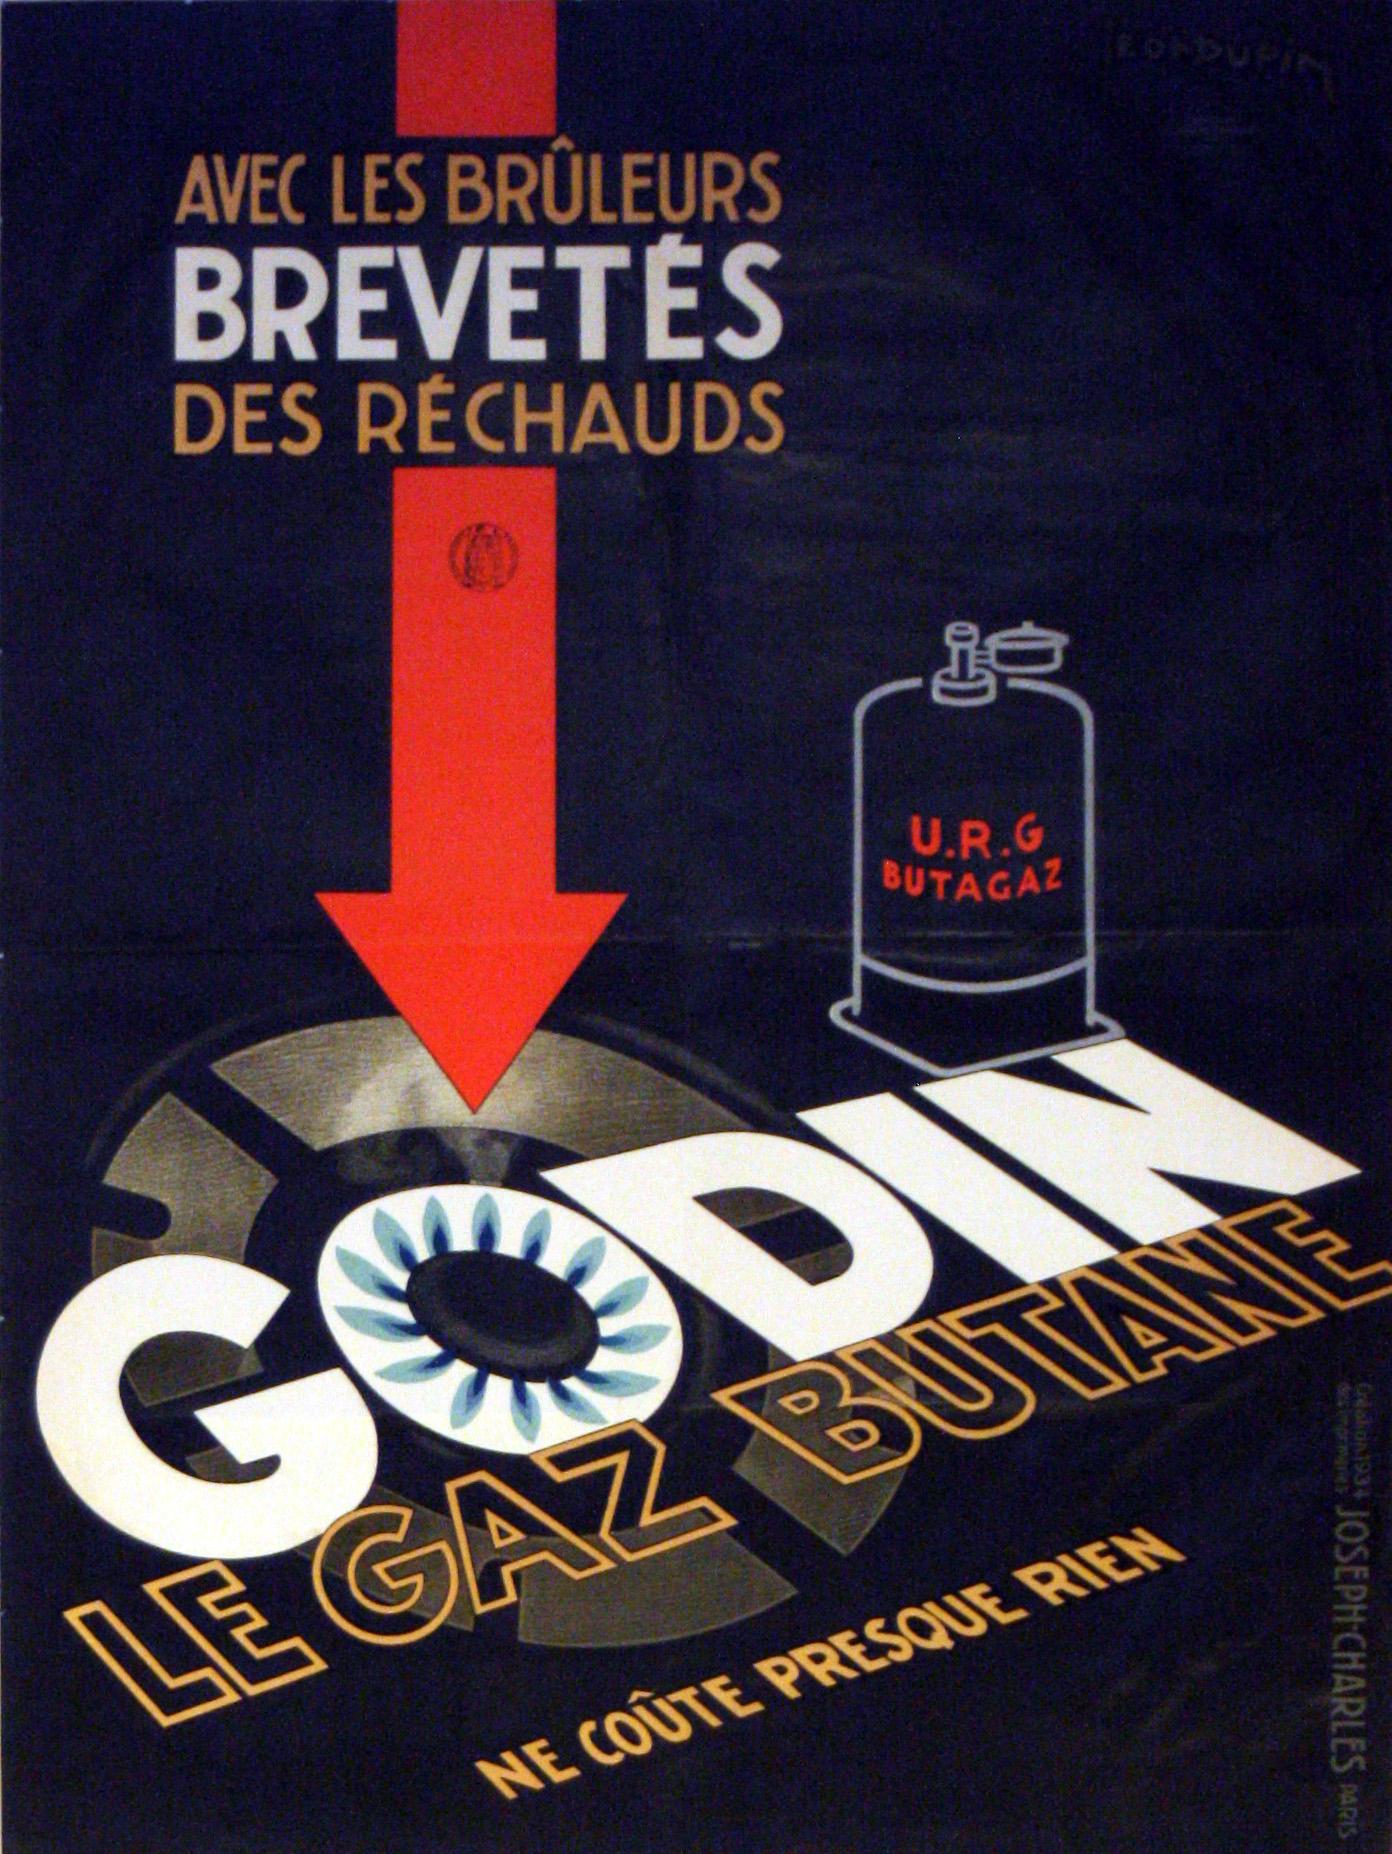 Le Gaz Butane à original vintage advertising poster for godin le gaz butane. art